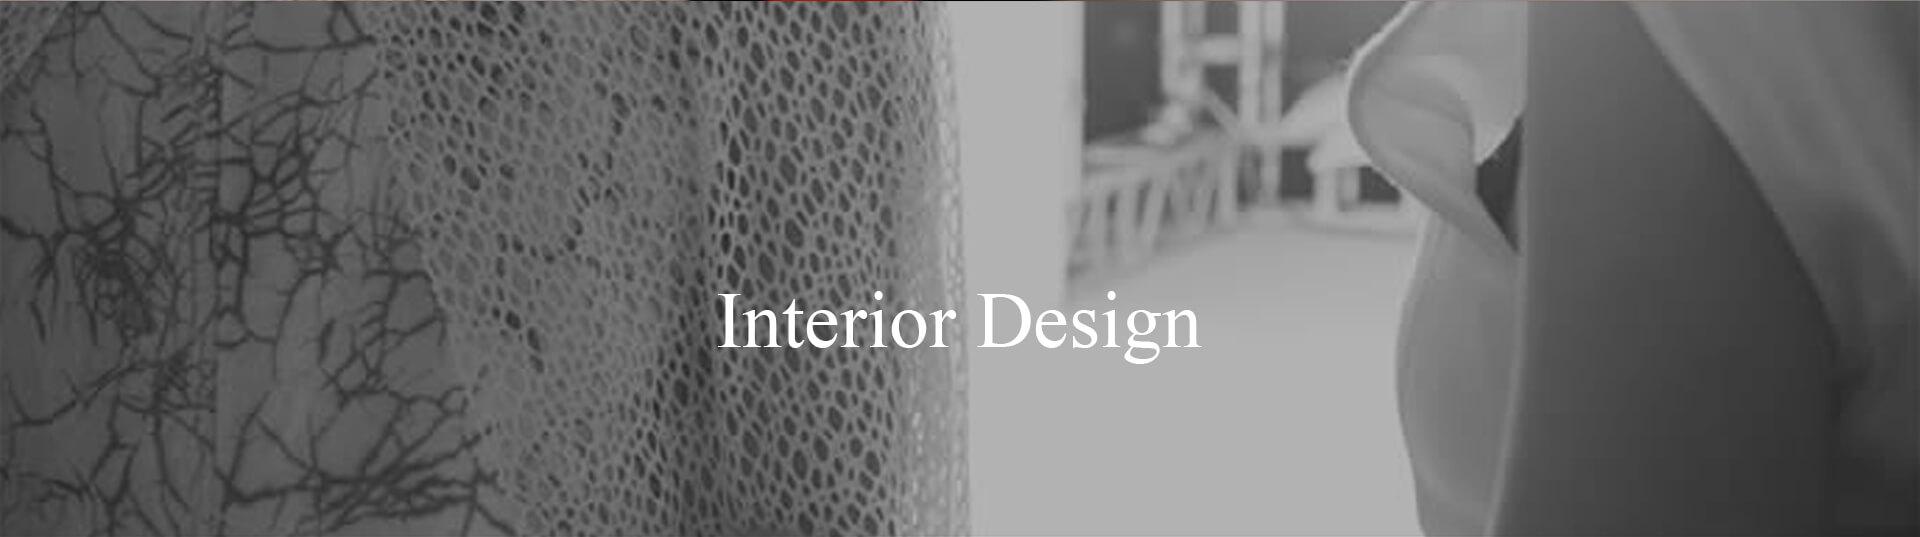 Interior design corso professionale accademia del lusso - Corsi di interior design roma ...